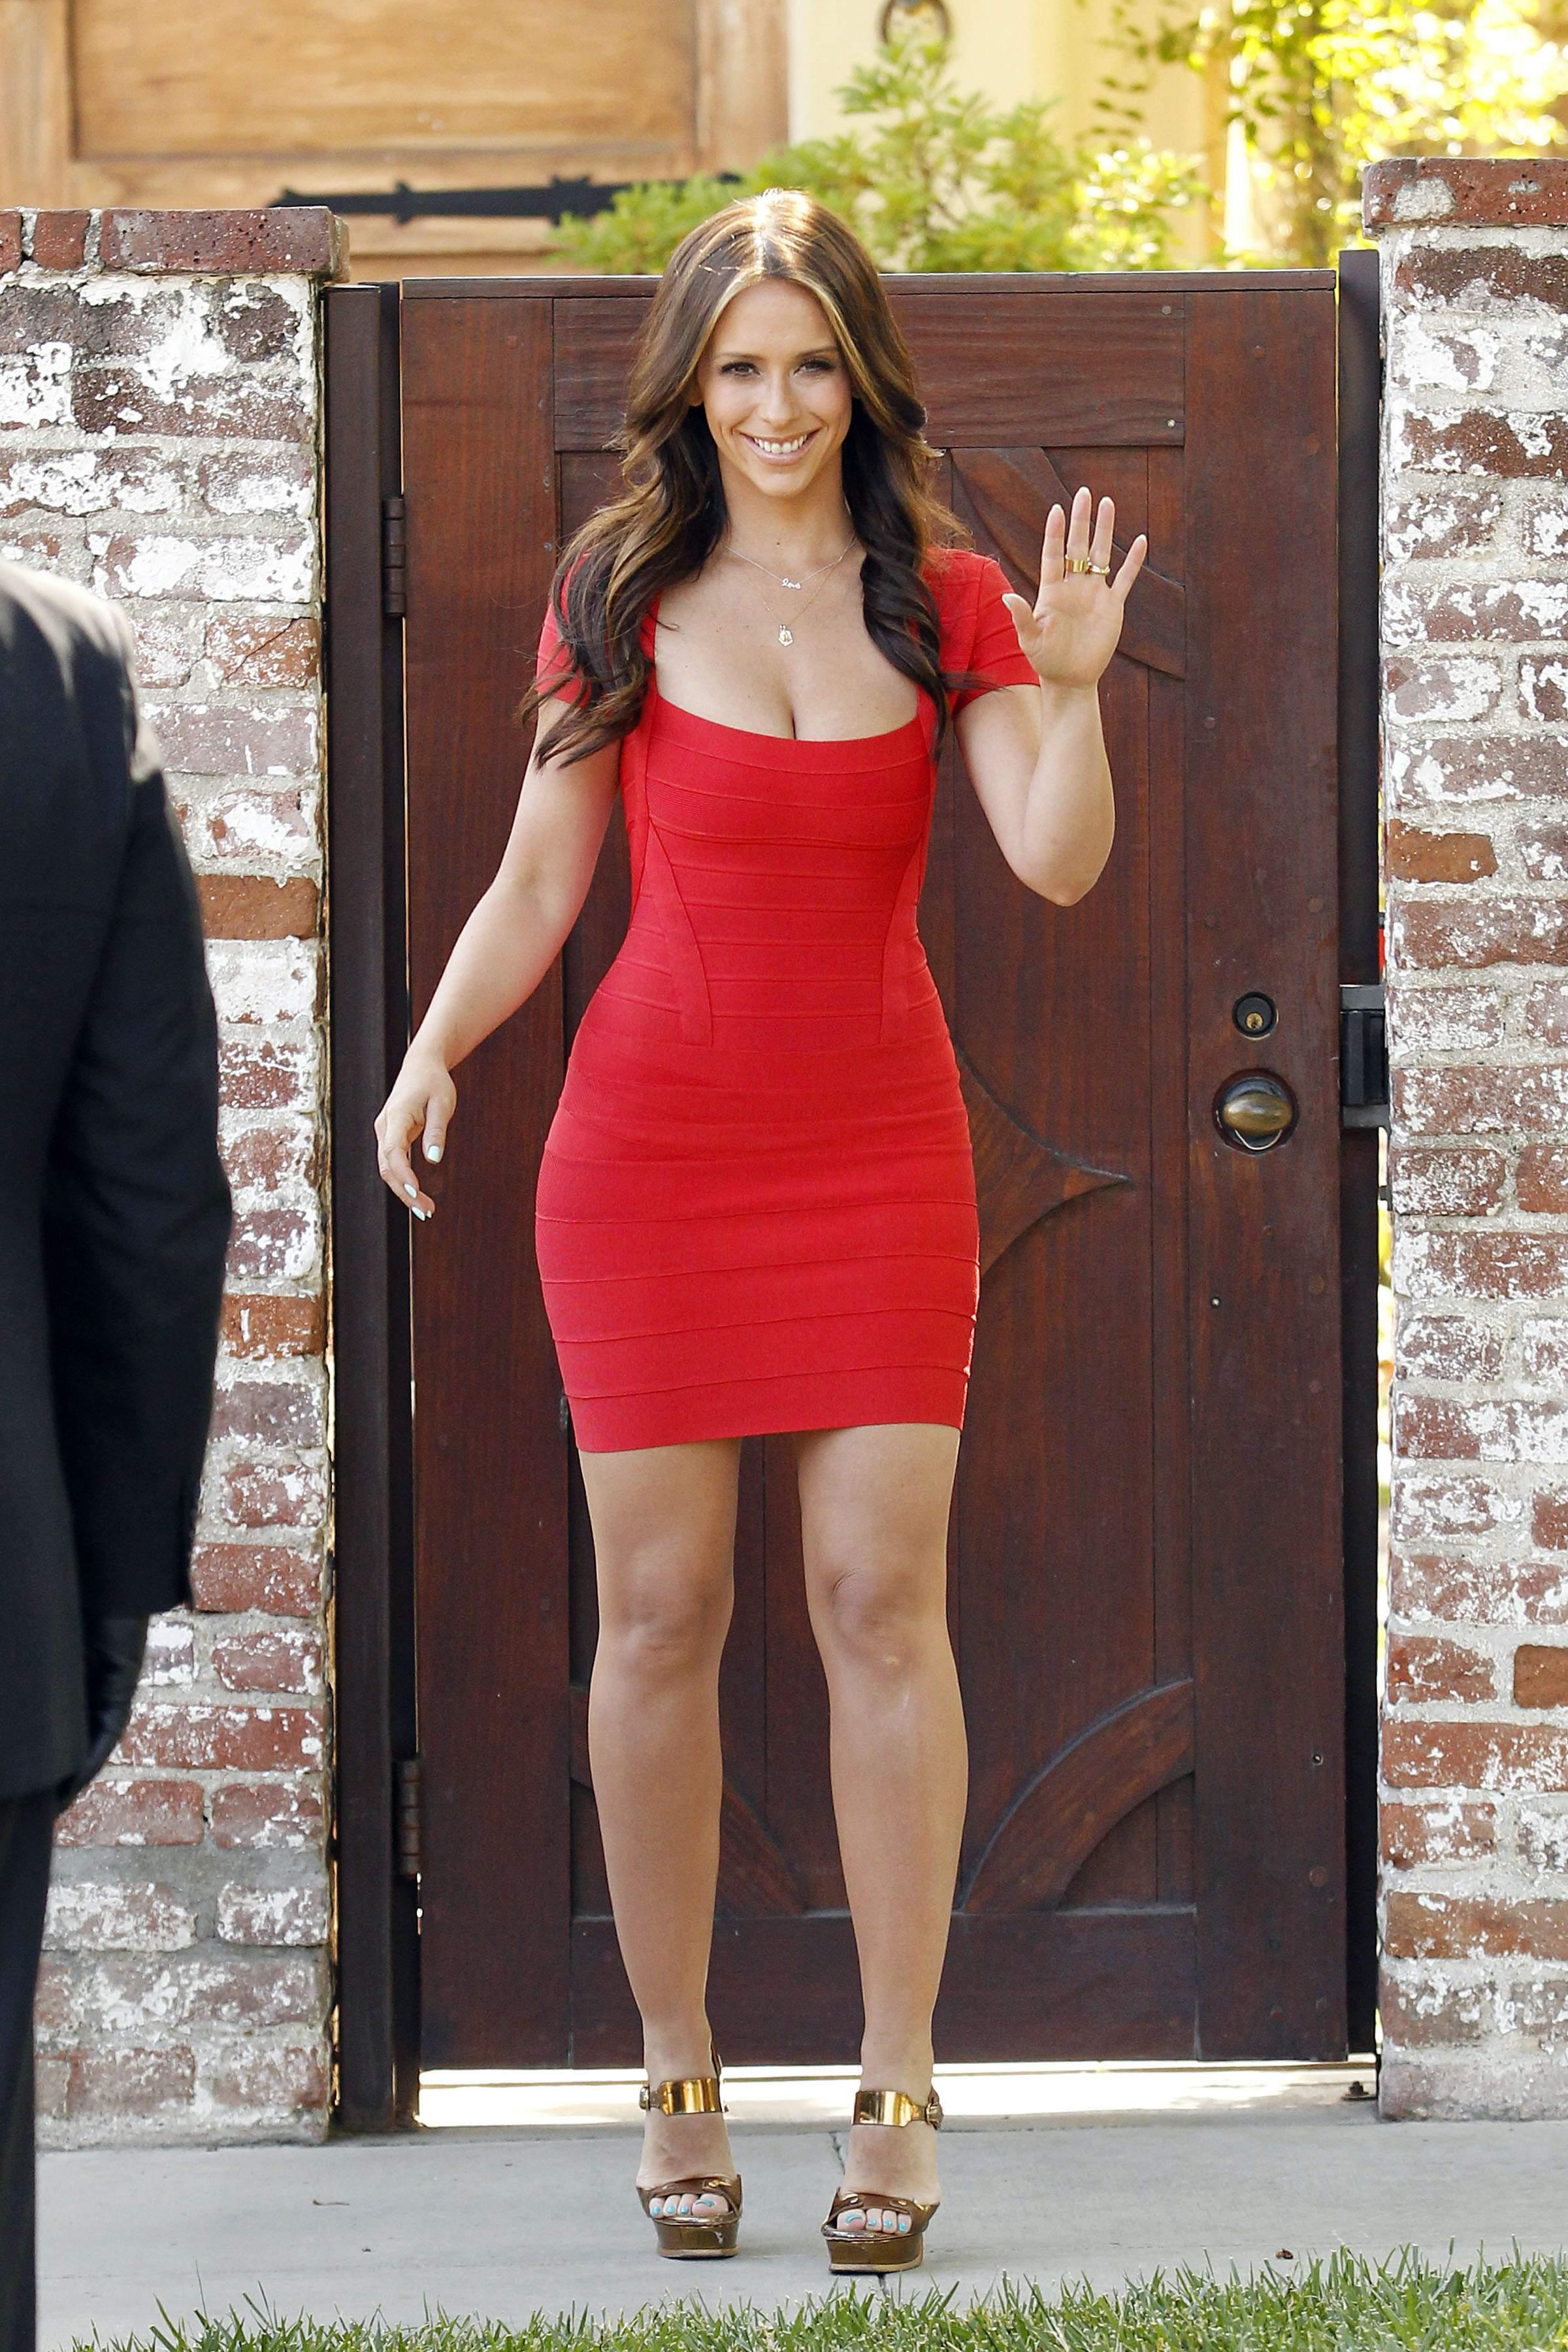 Трахает девочку в красном платье 14 фотография